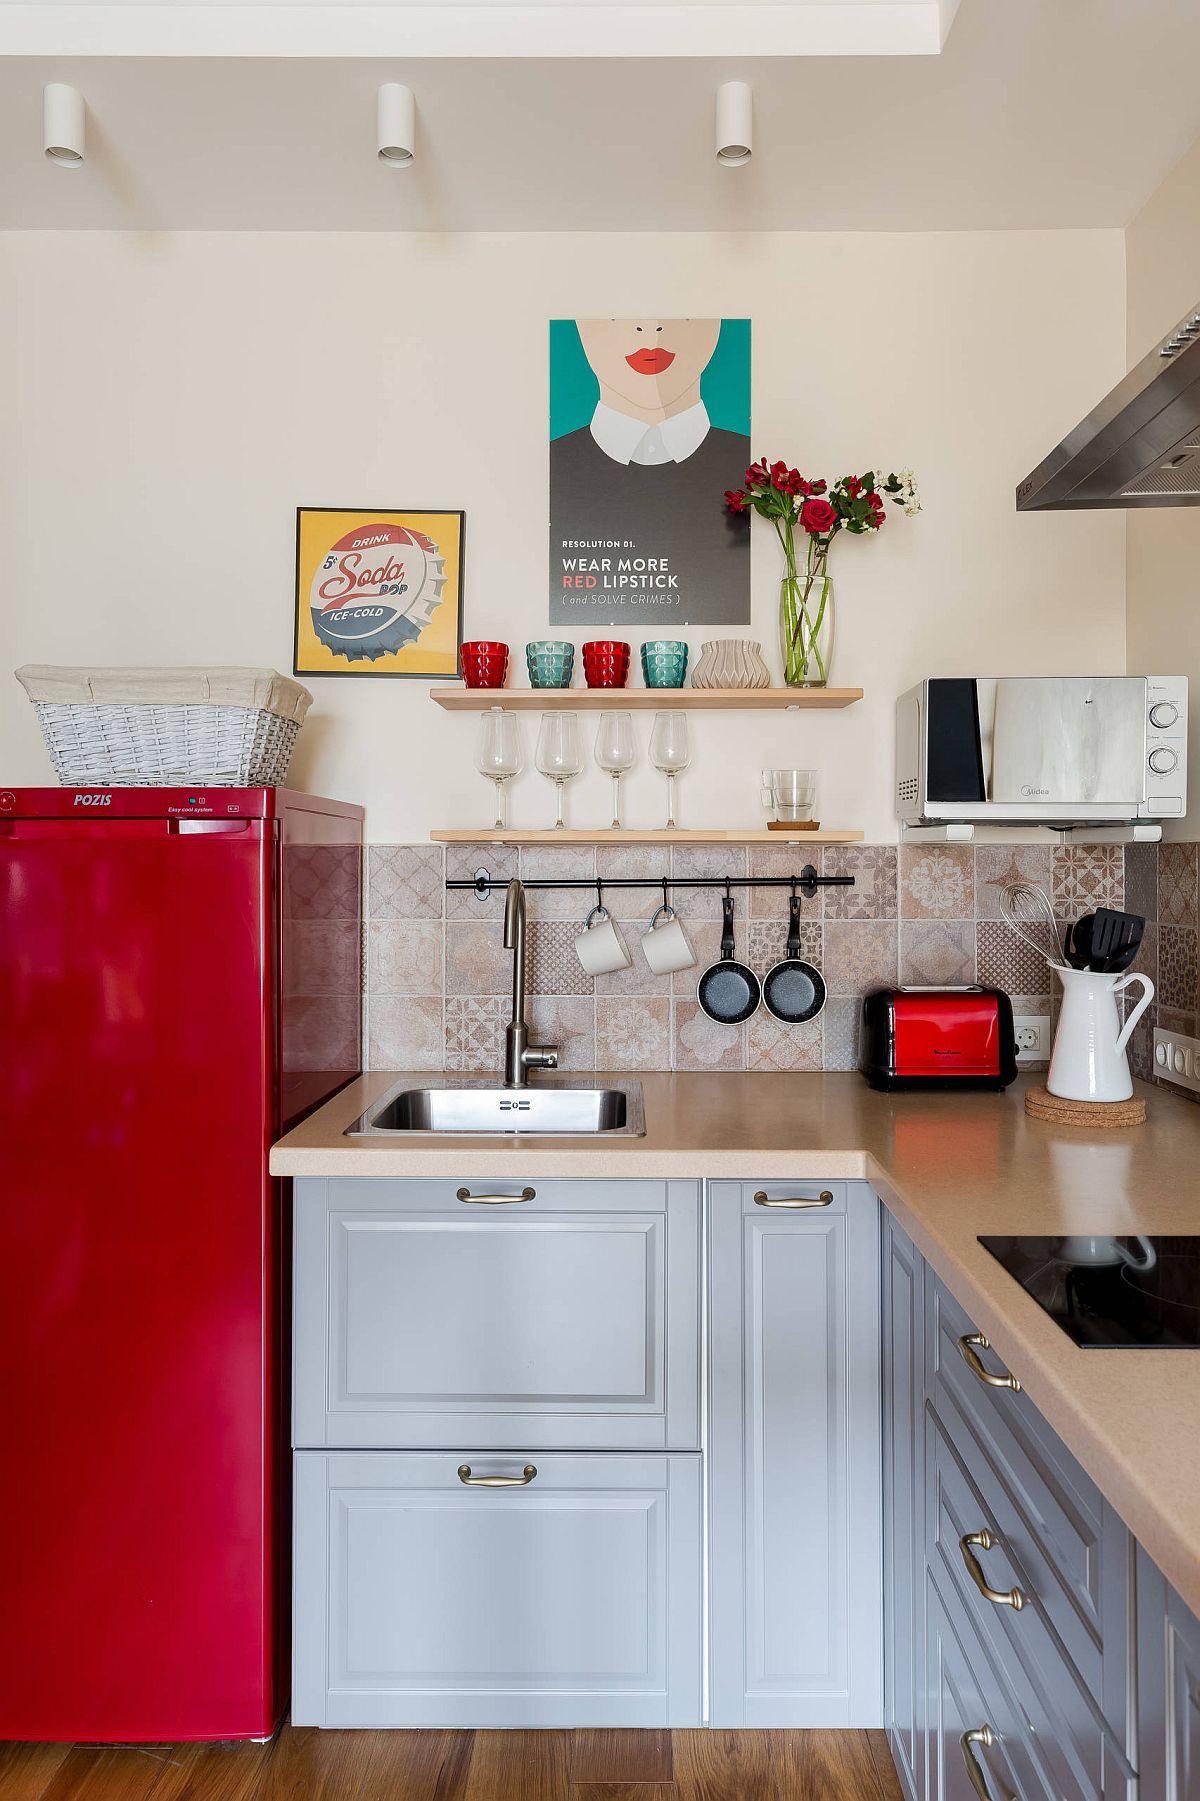 Ngắm những căn bếp nhỏ đầy màu sắc, đẹp đến mức làm xiêu lòng bất cứ ai - Ảnh 5.